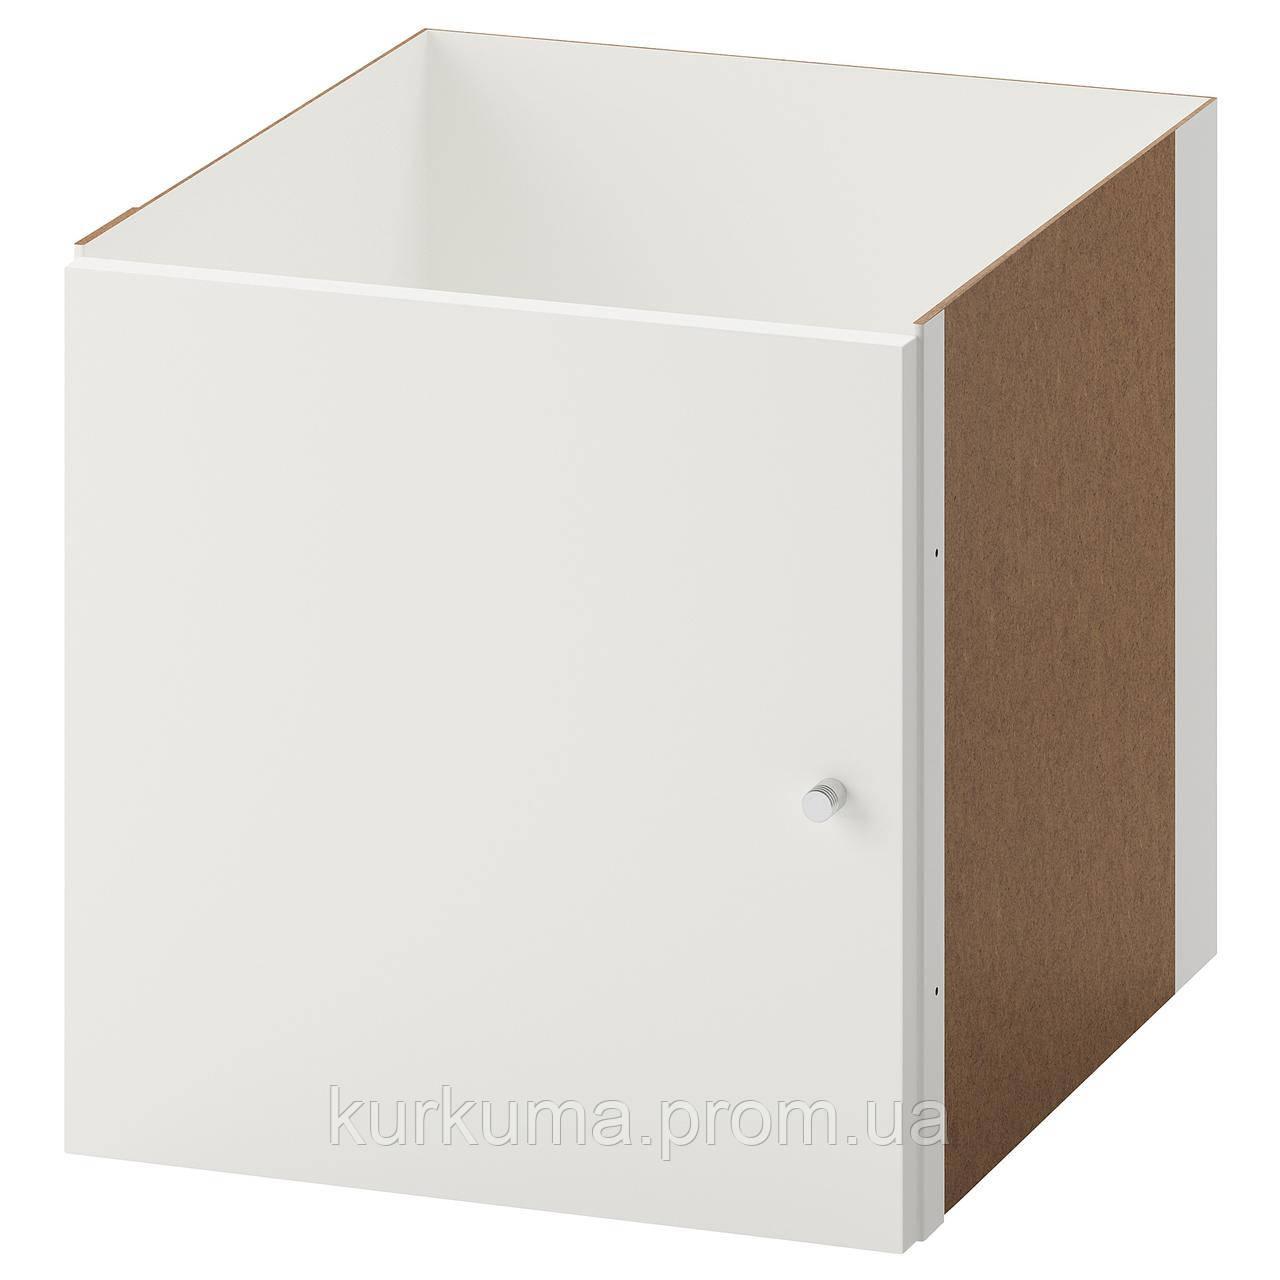 IKEA KALLAX Вставка з дверцятами, біла (202.781.67)